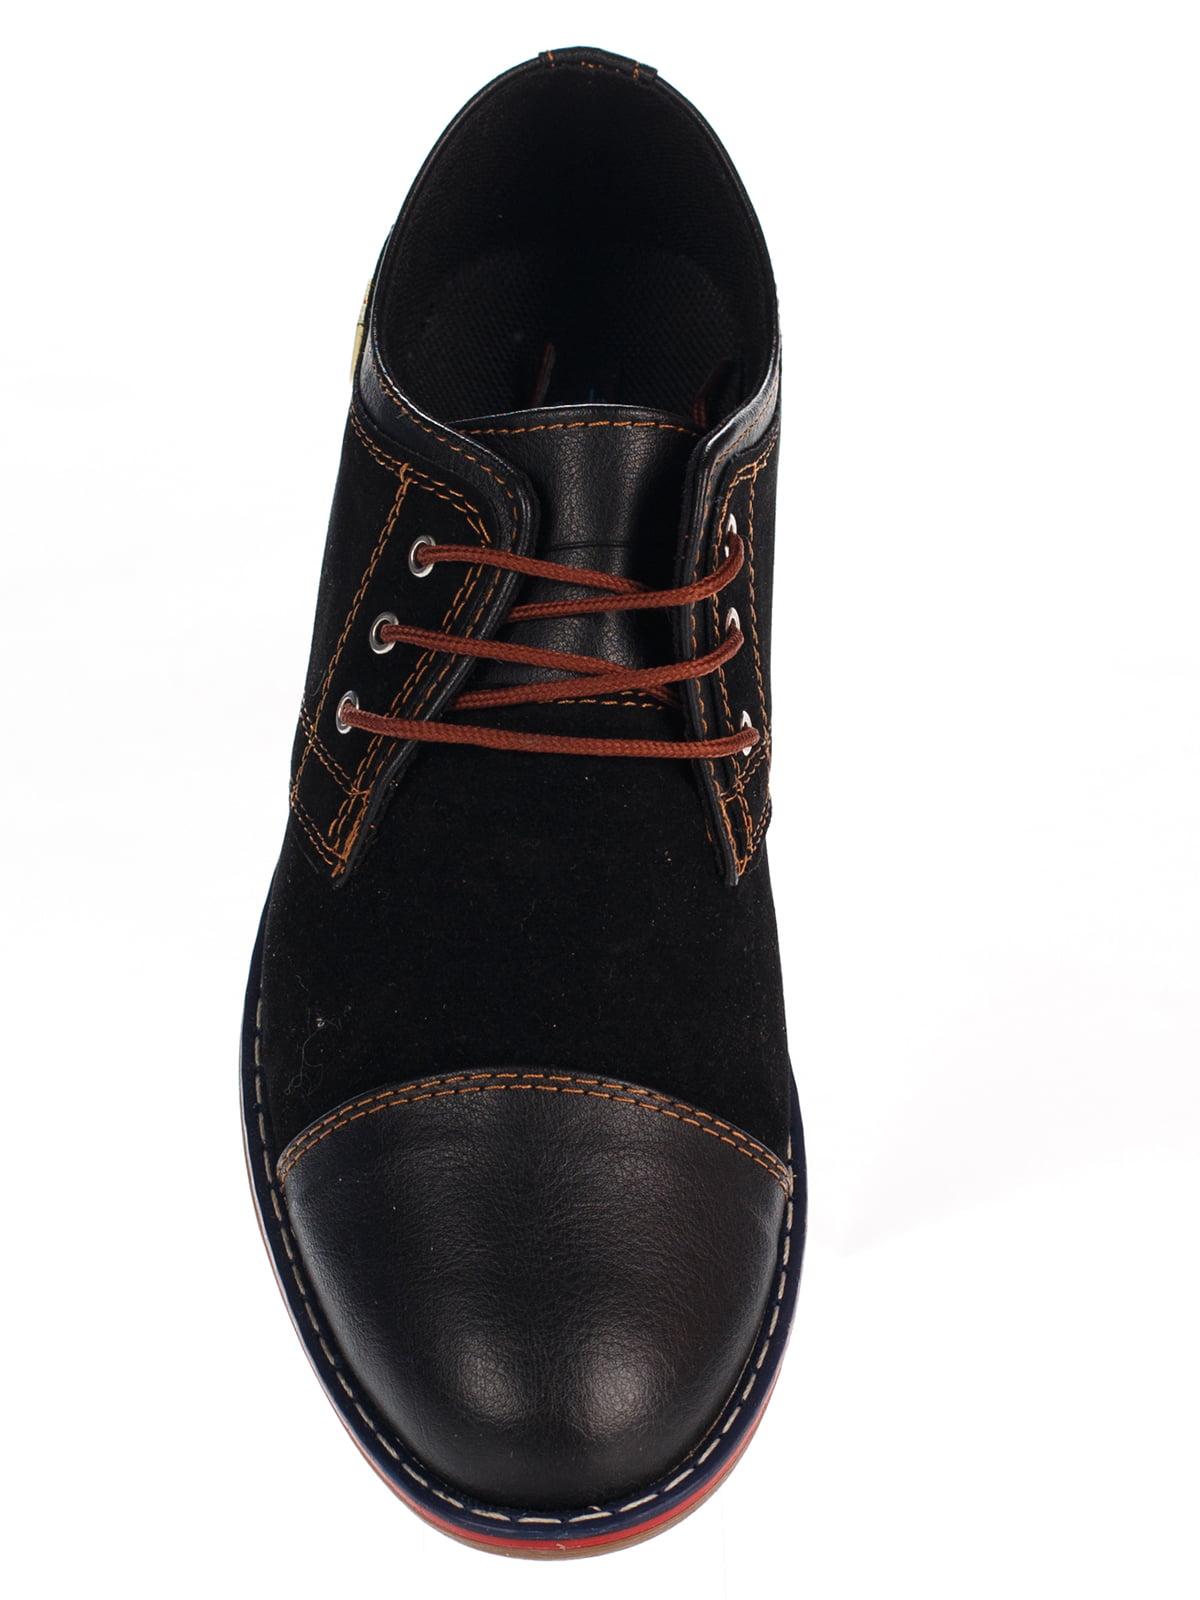 Туфли темно-коричневые   3483404   фото 6